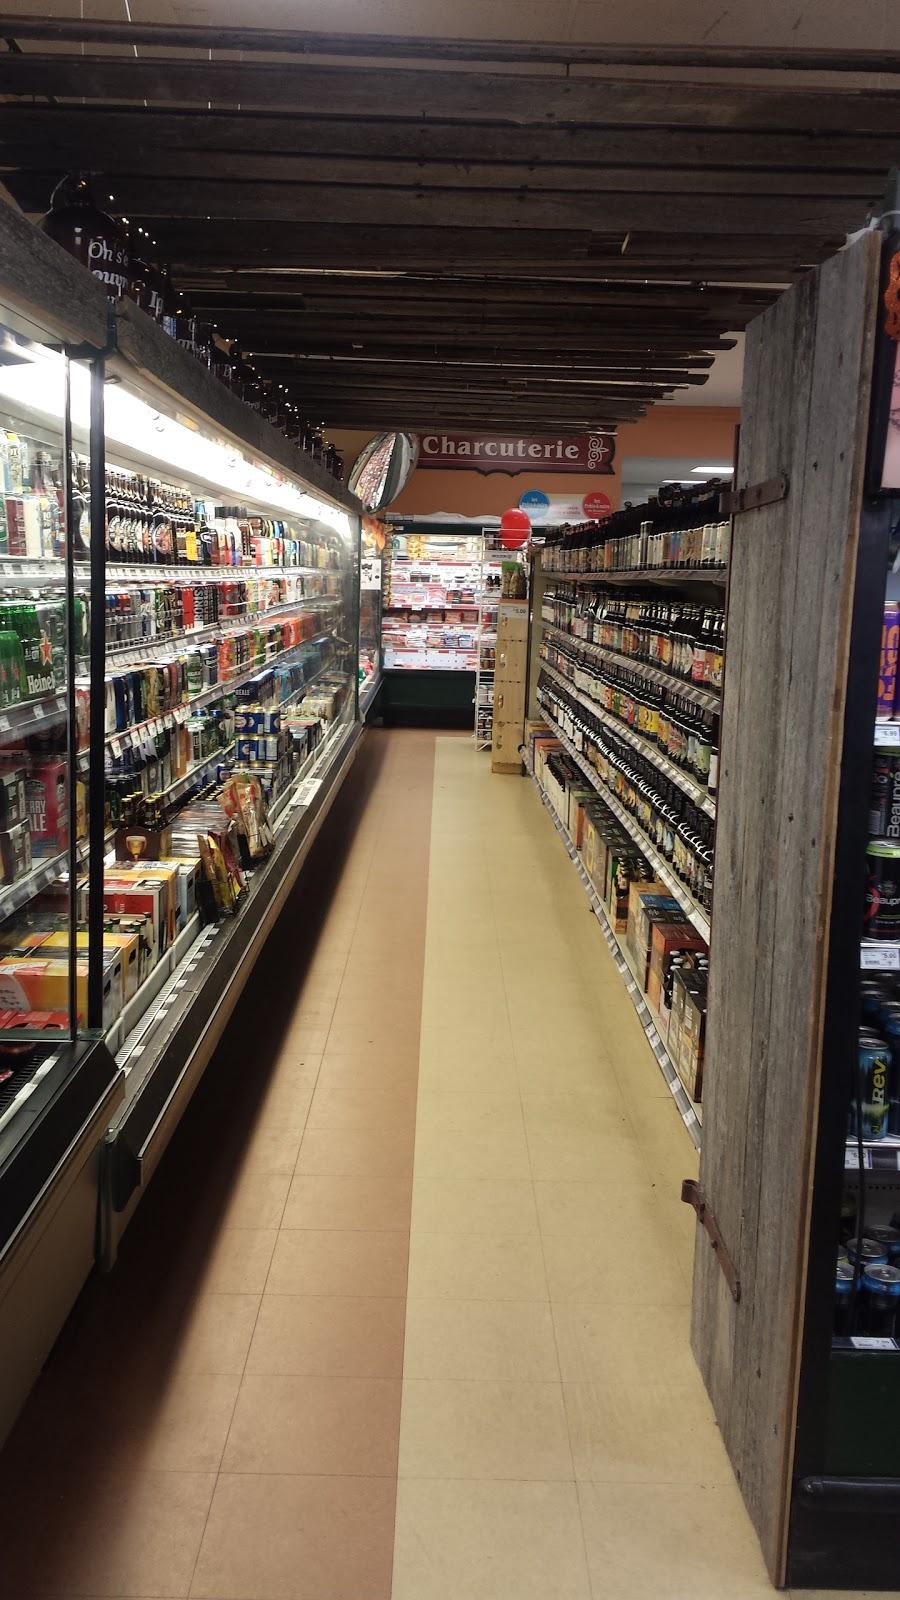 Bonichoix Market - Food JAP inc. | store | 5003 4e Av O, Québec, QC G1H 5Z7, Canada | 4186269194 OR +1 418-626-9194